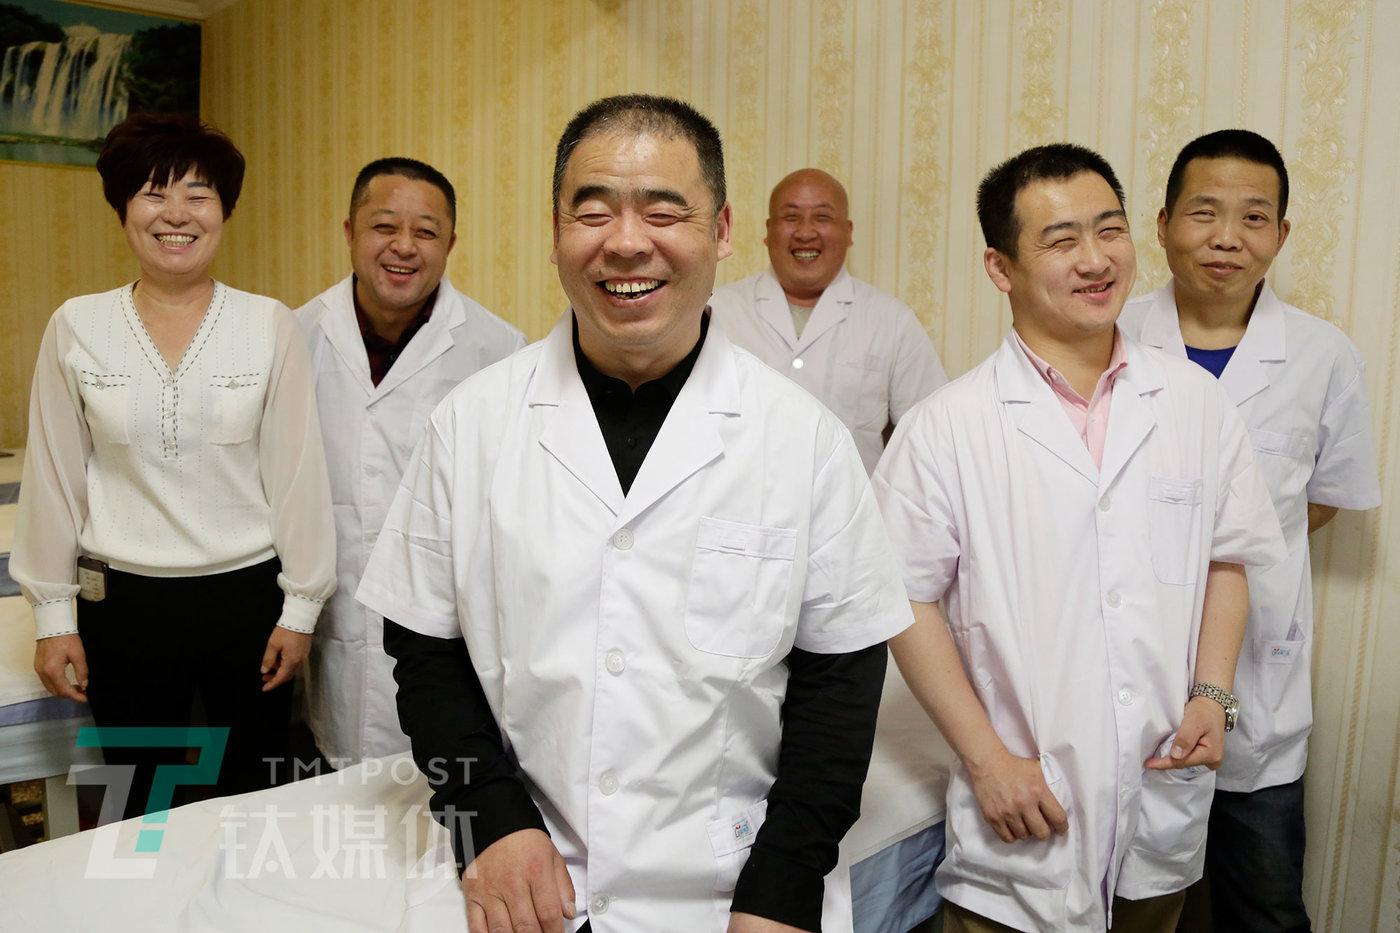 4月24日,北京,鑫缘堂盲人按摩店员工(左首:前台张姐、按摩师老姜、店长老李、巷子、幼朱、老张)。